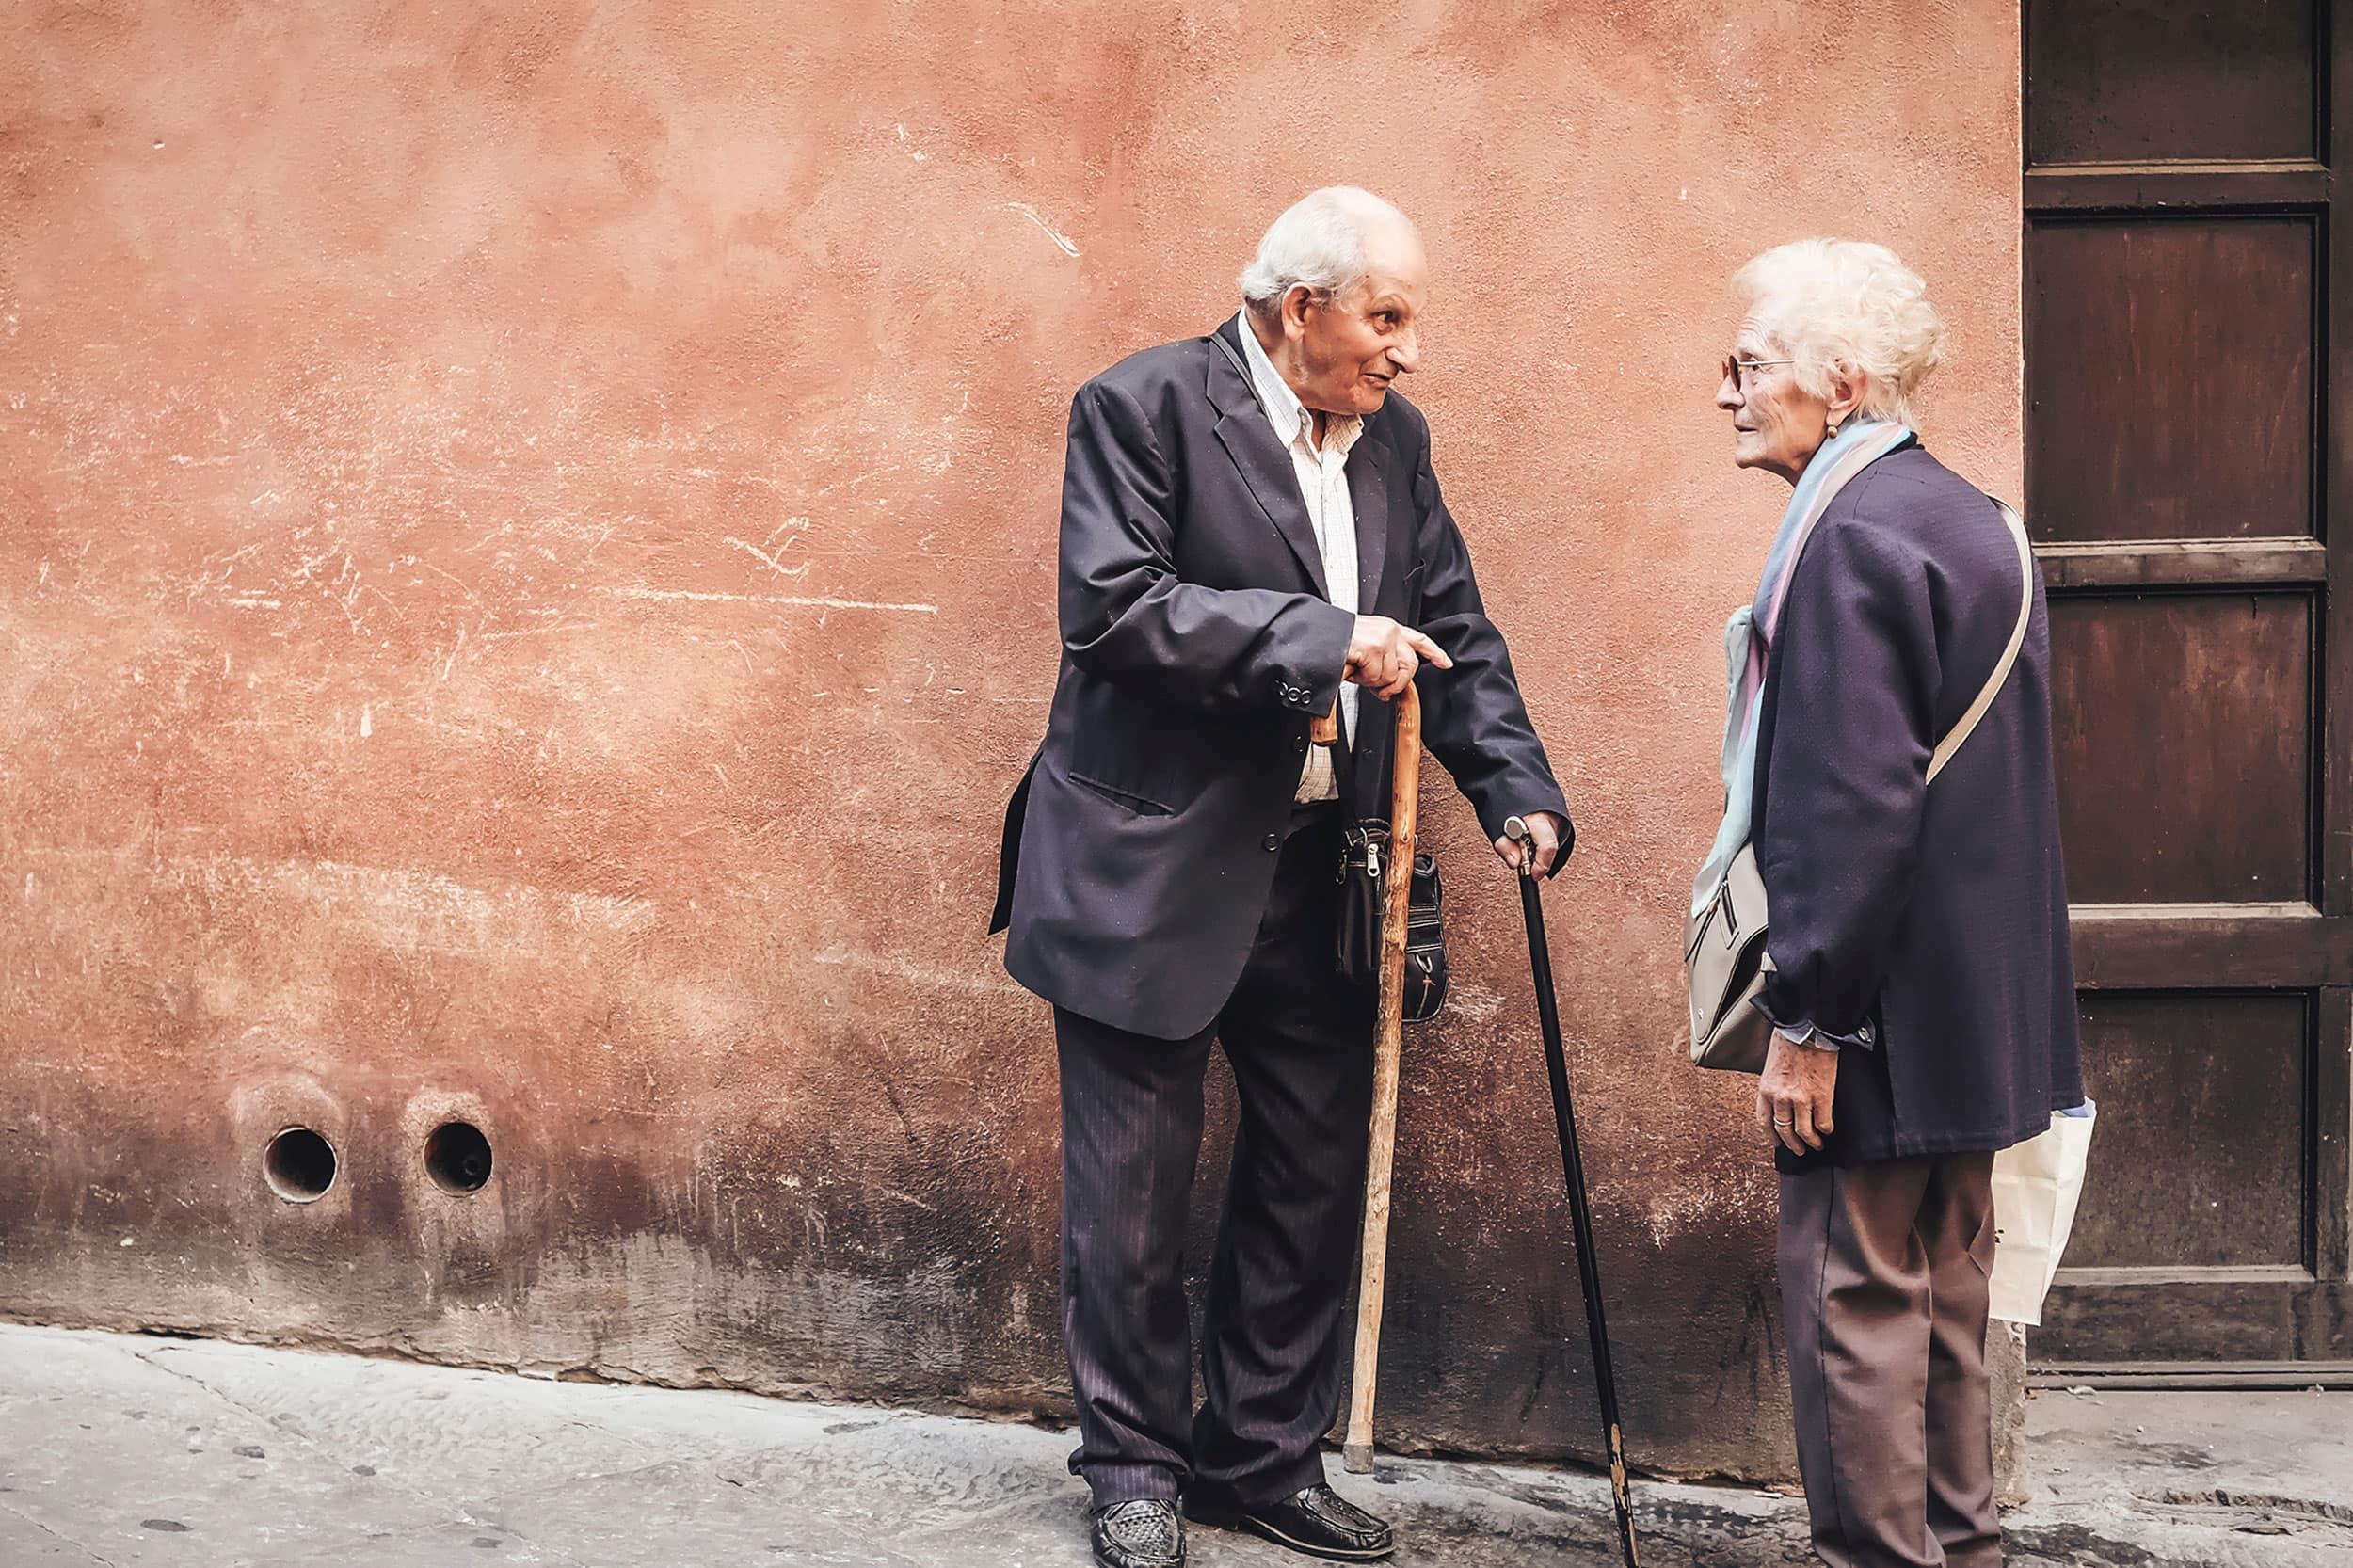 Учёные выявили гены, определяющие старение человека